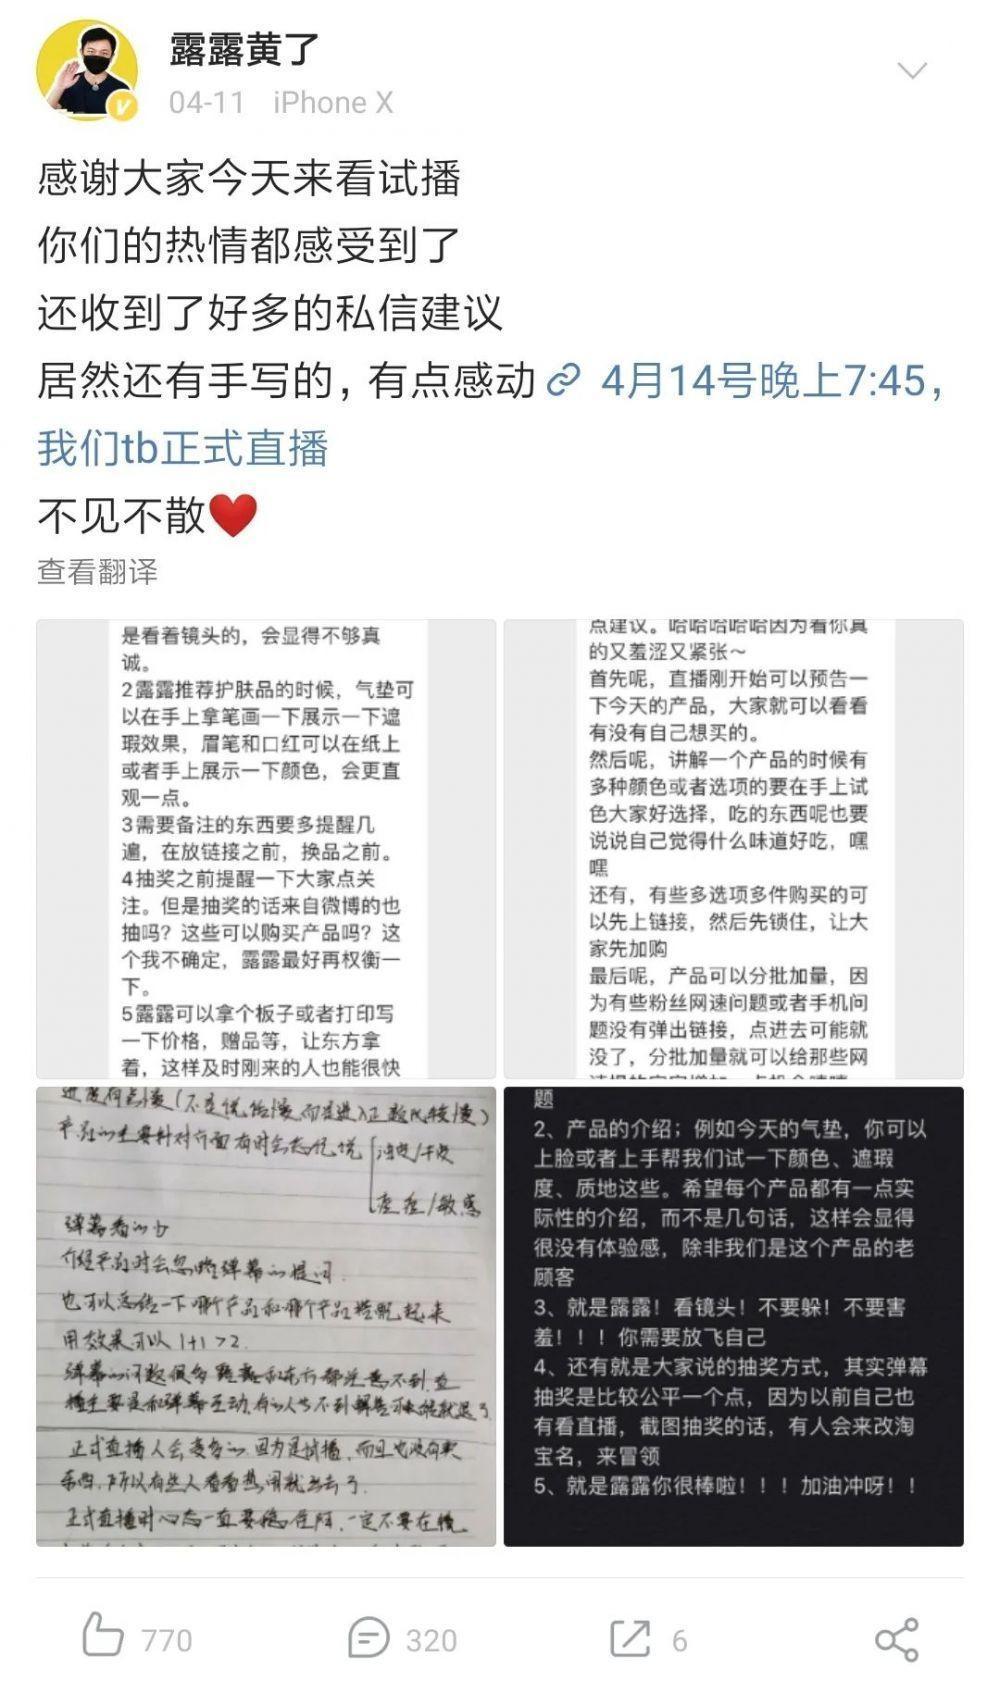 首场直播销售额660万!全网250万粉丝的美妆博主如何做到的?-第11张图片-周小辉<a href='http://www.zhouxiaohui.cn/duanshipin/'>短视频</a>培训博客